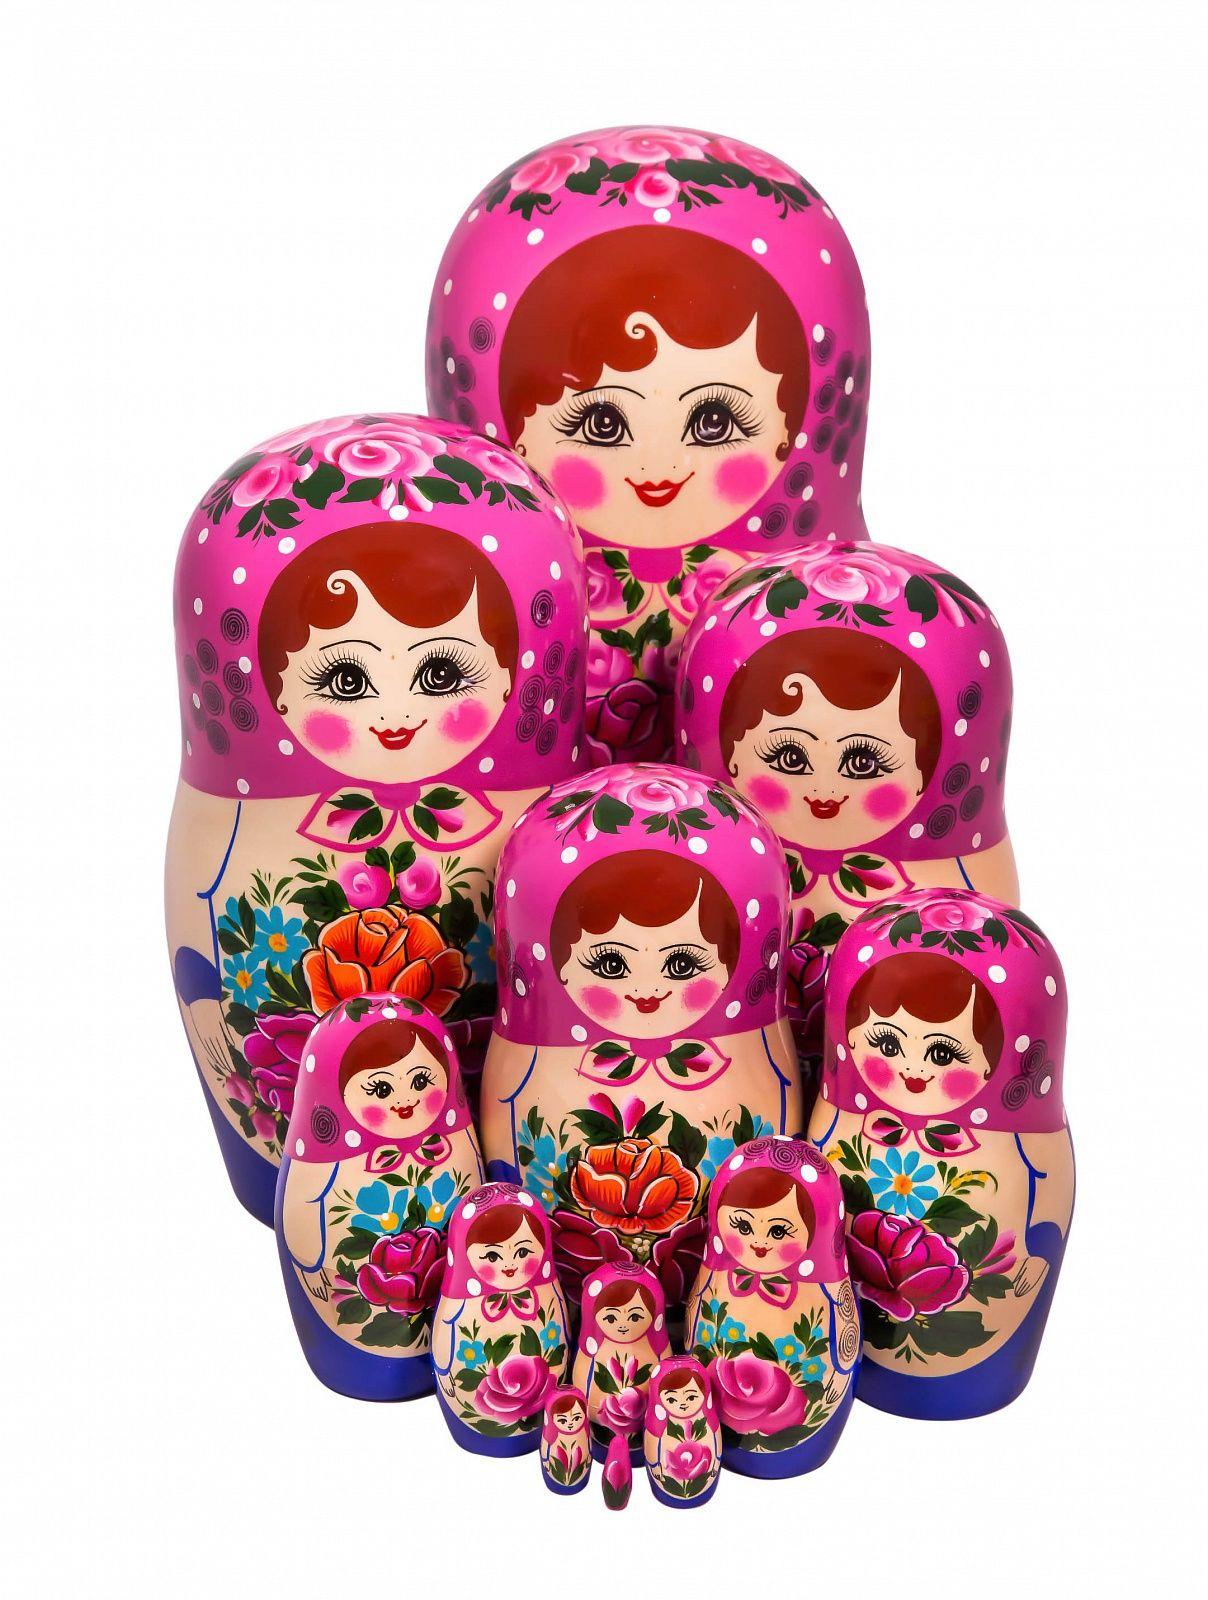 Khokhloma painting / Matryoshka unconventional 10 dolls